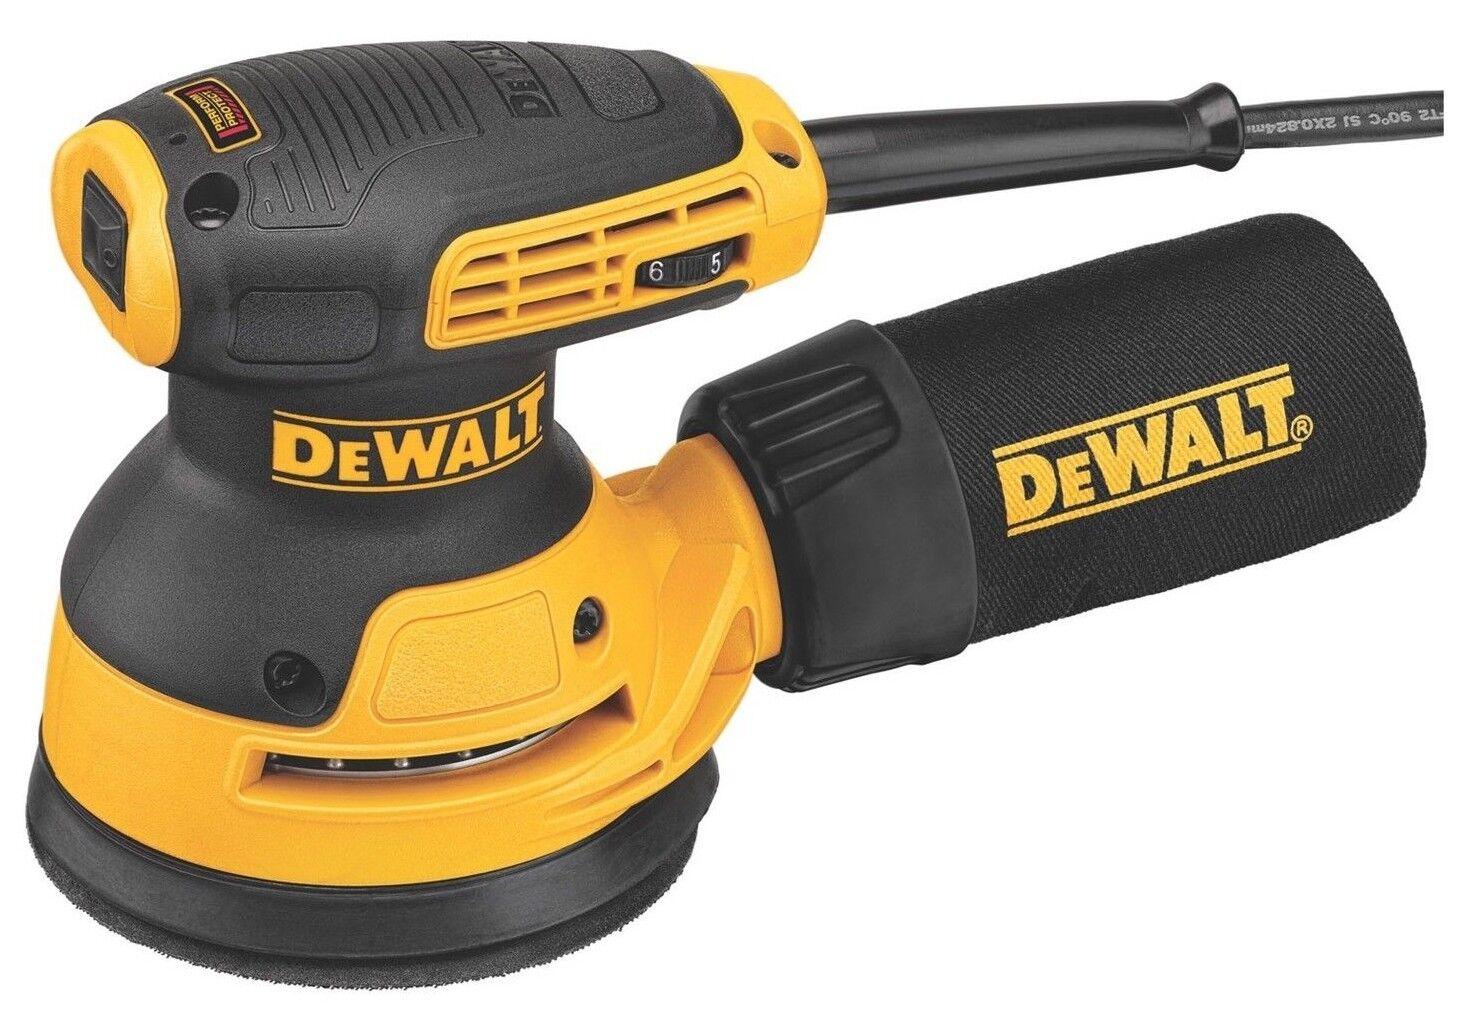 DeWalt RANDOM ORBITAL PALM SANDER DWE6423-XE 280W 125mm Dust-Sealed Switch